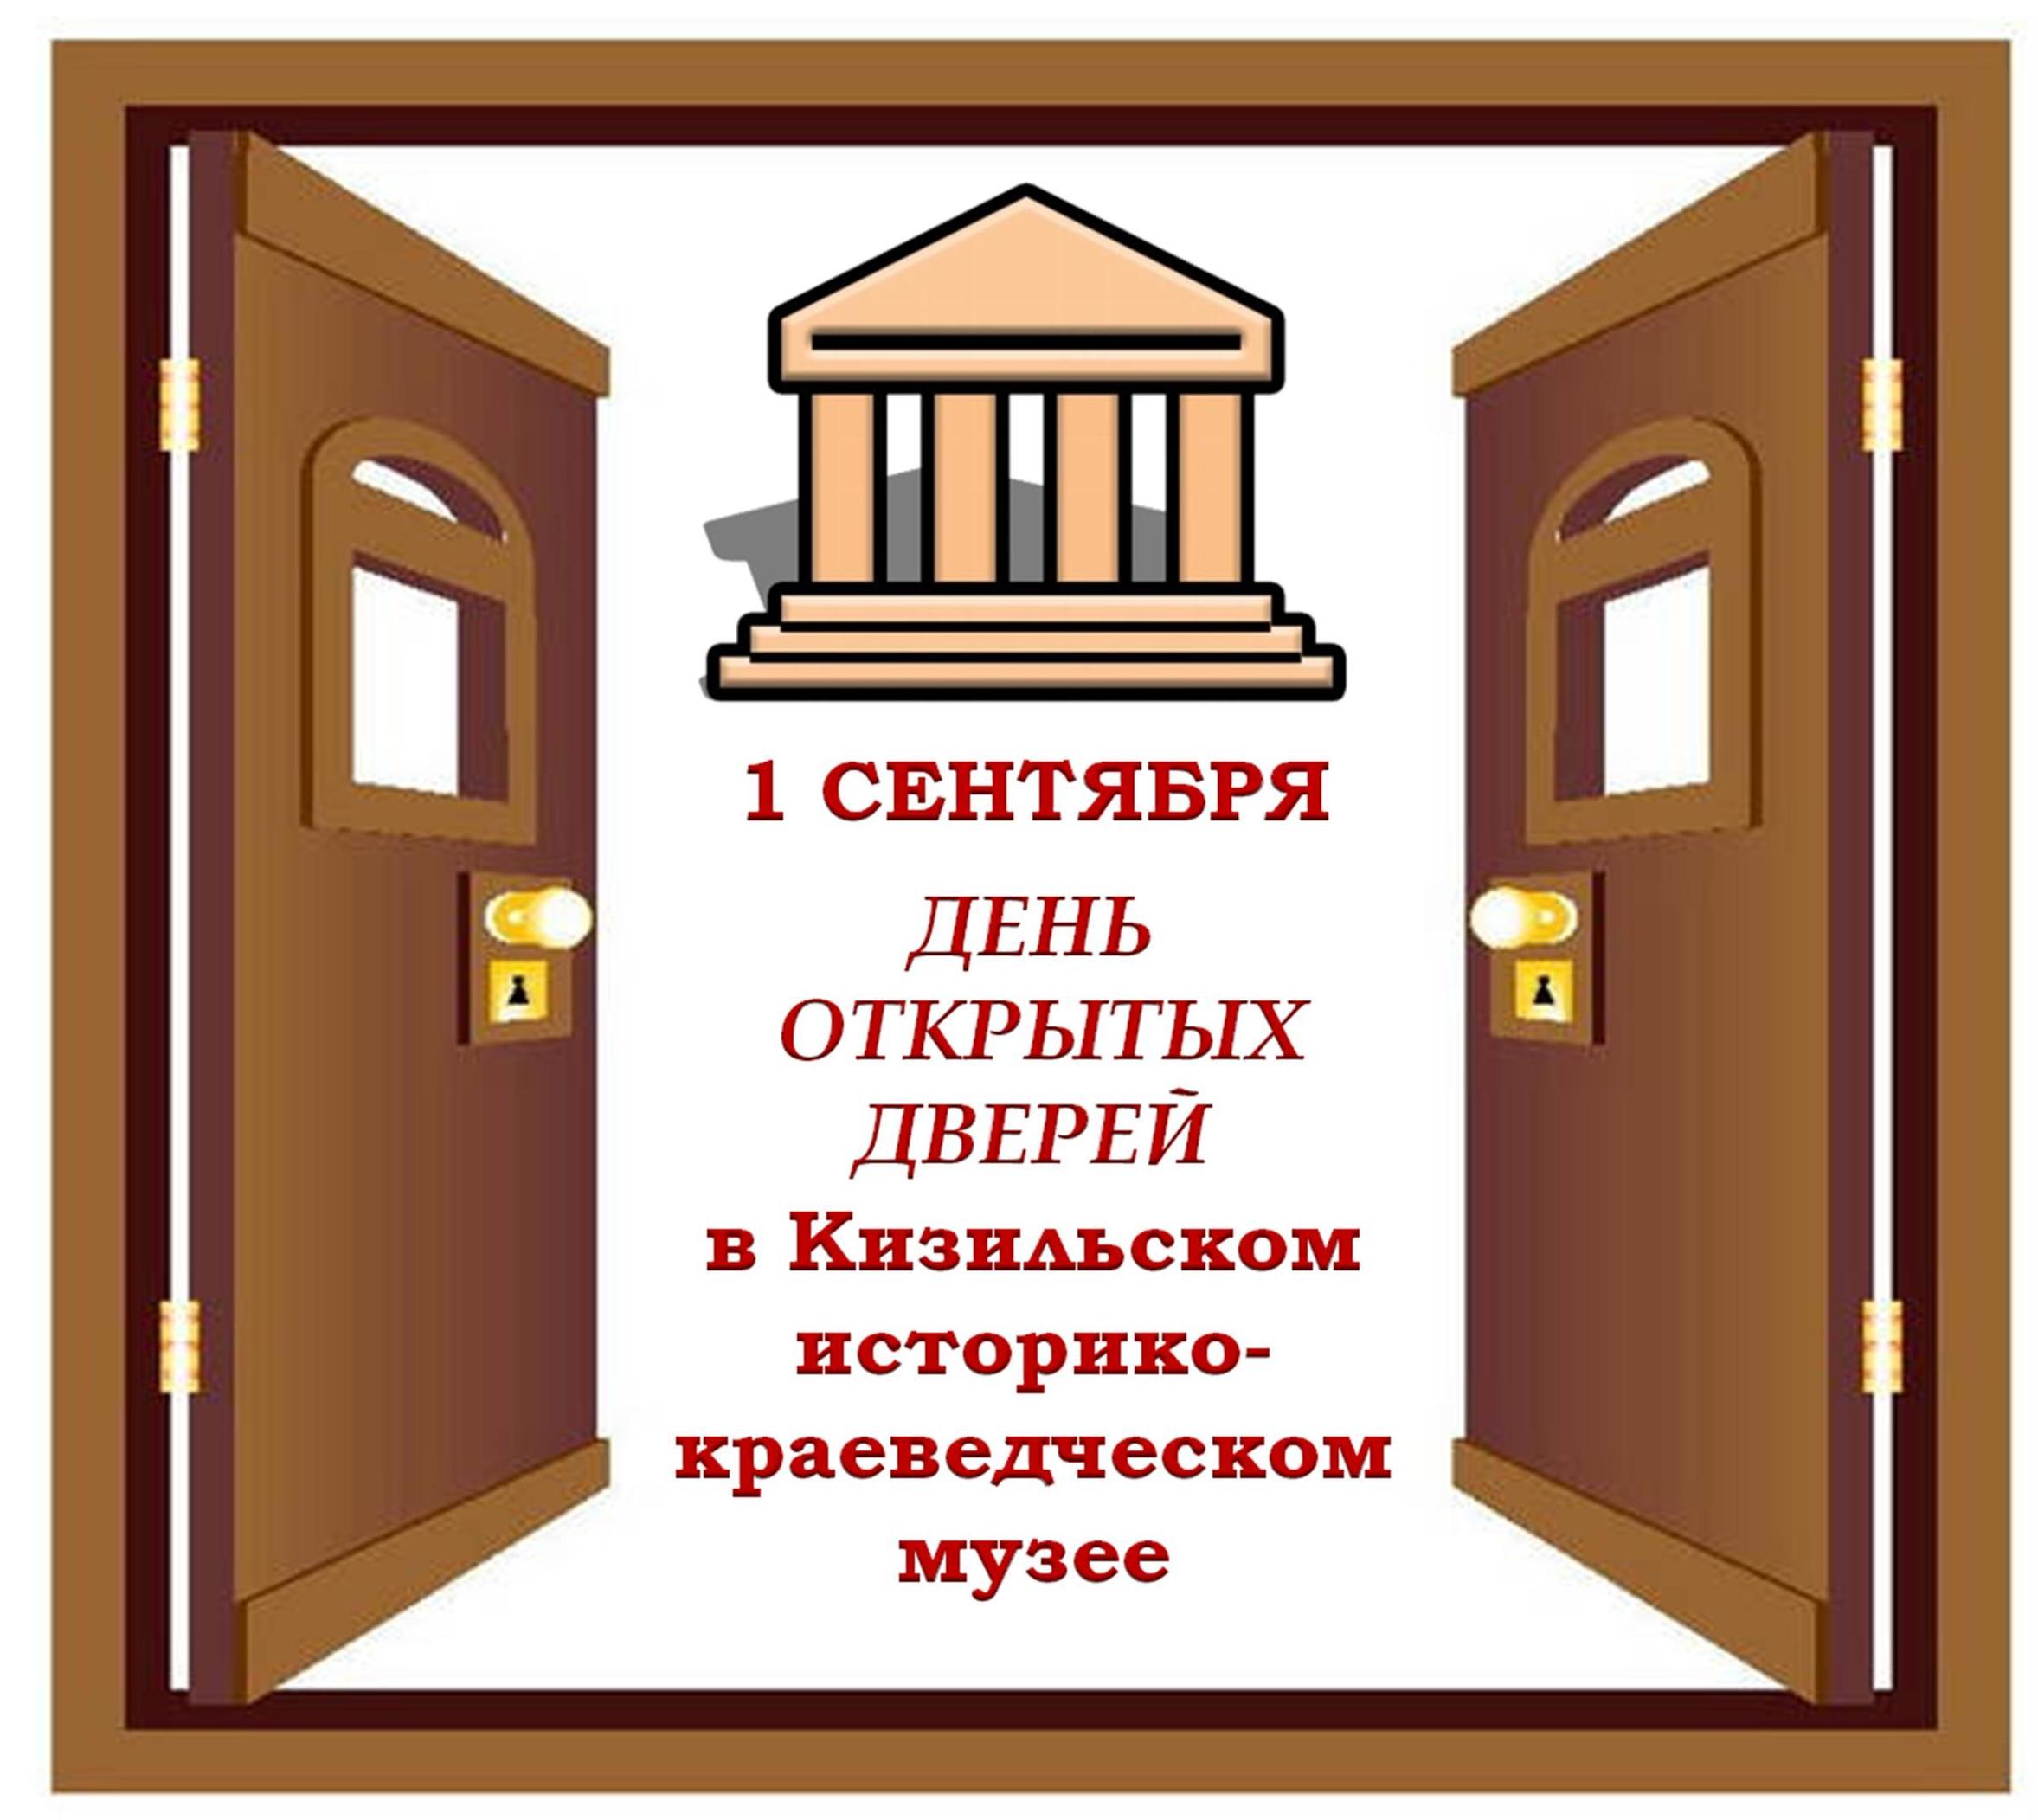 картинки к дню открытых дверей в библиотеке нашей школе